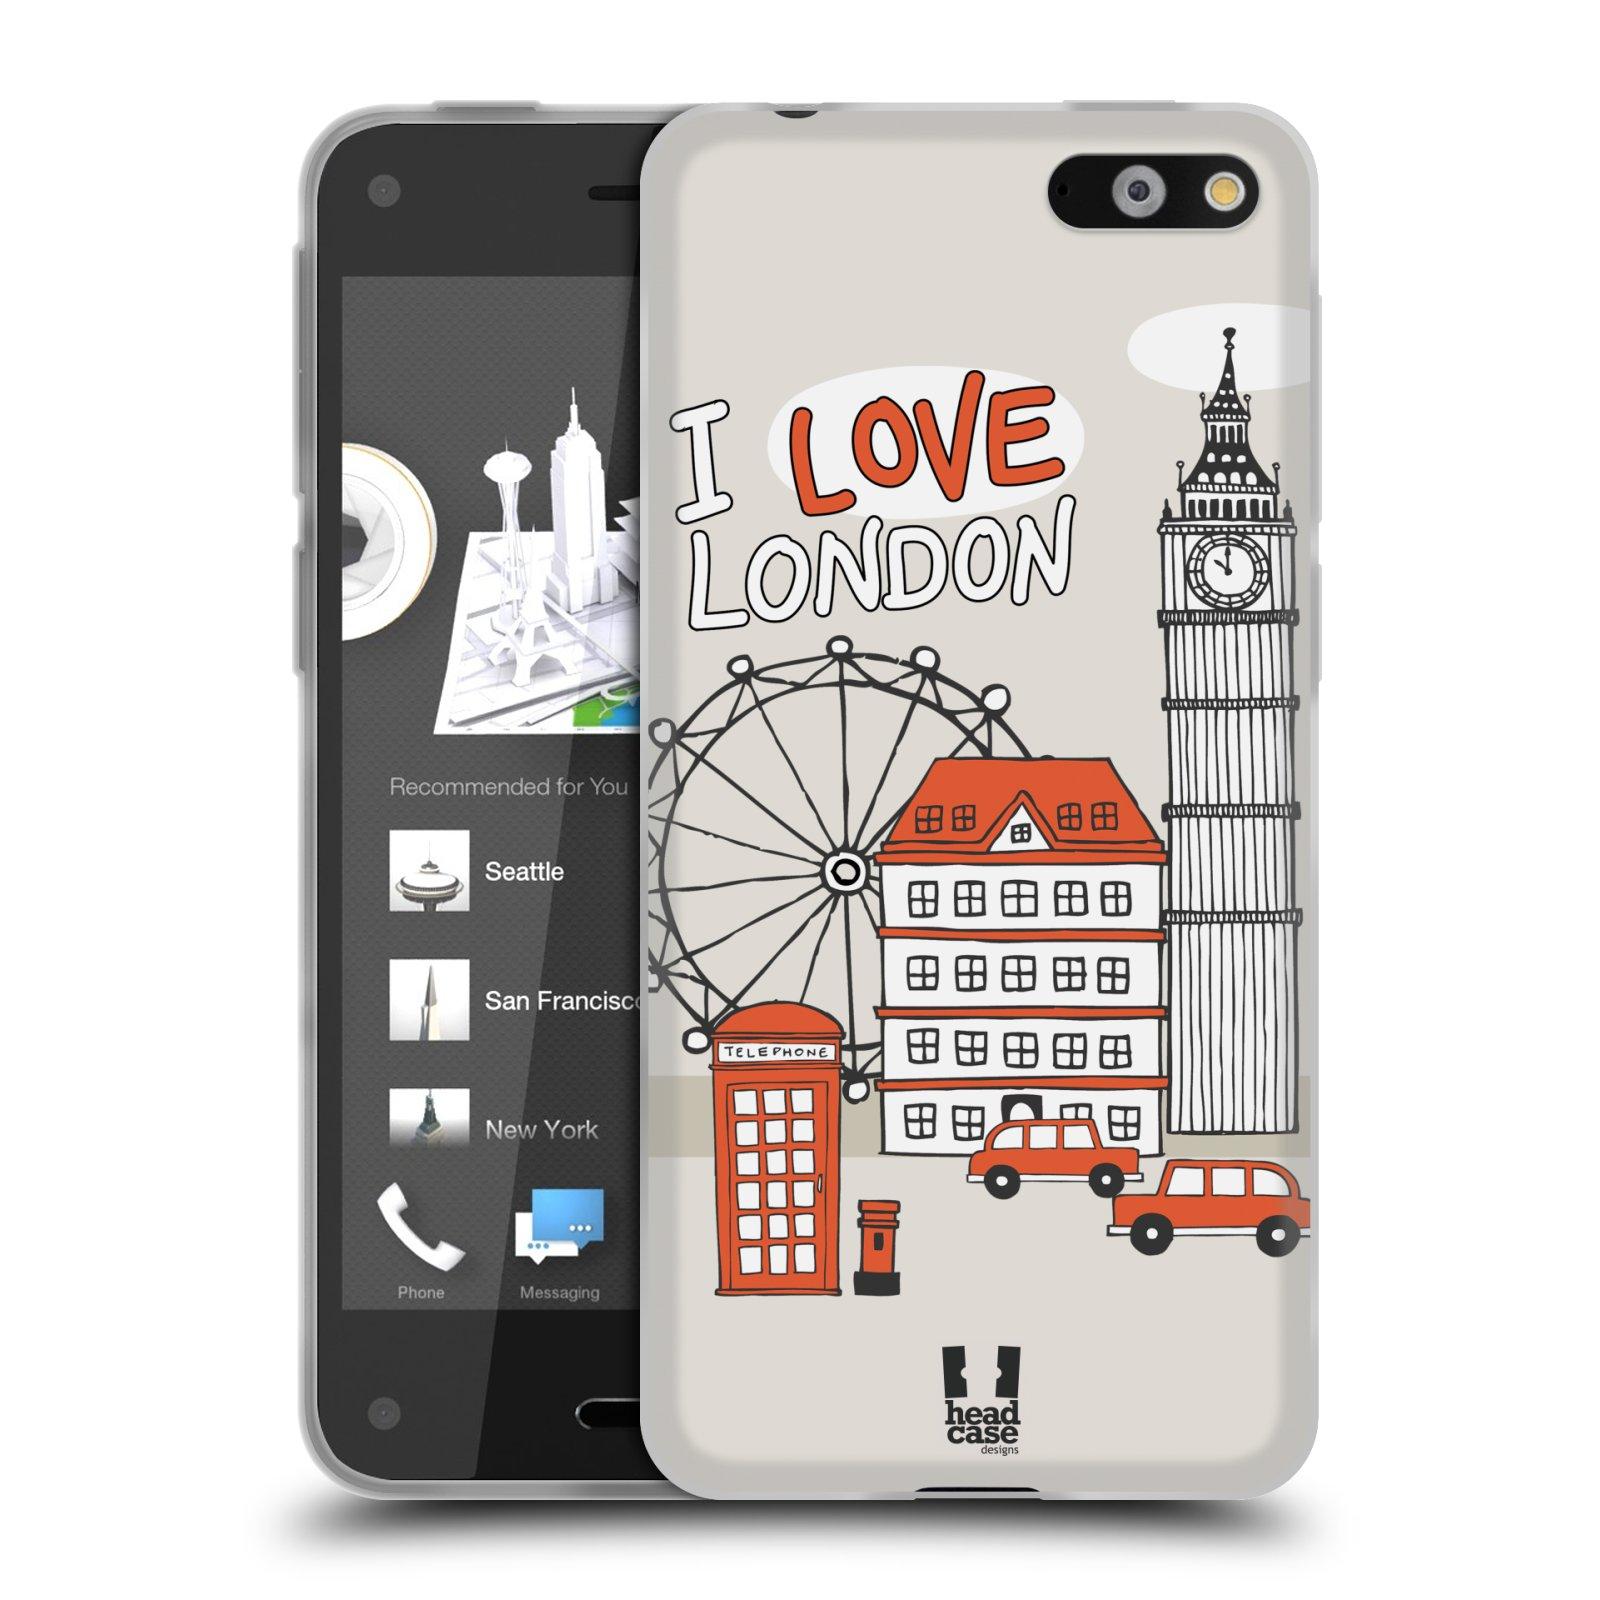 HEAD CASE silikonový obal na mobil AMAZON Fire Phone vzor Kreslená městečka ČERVENÁ, Anglie, Londýn, I LOVE LONDON